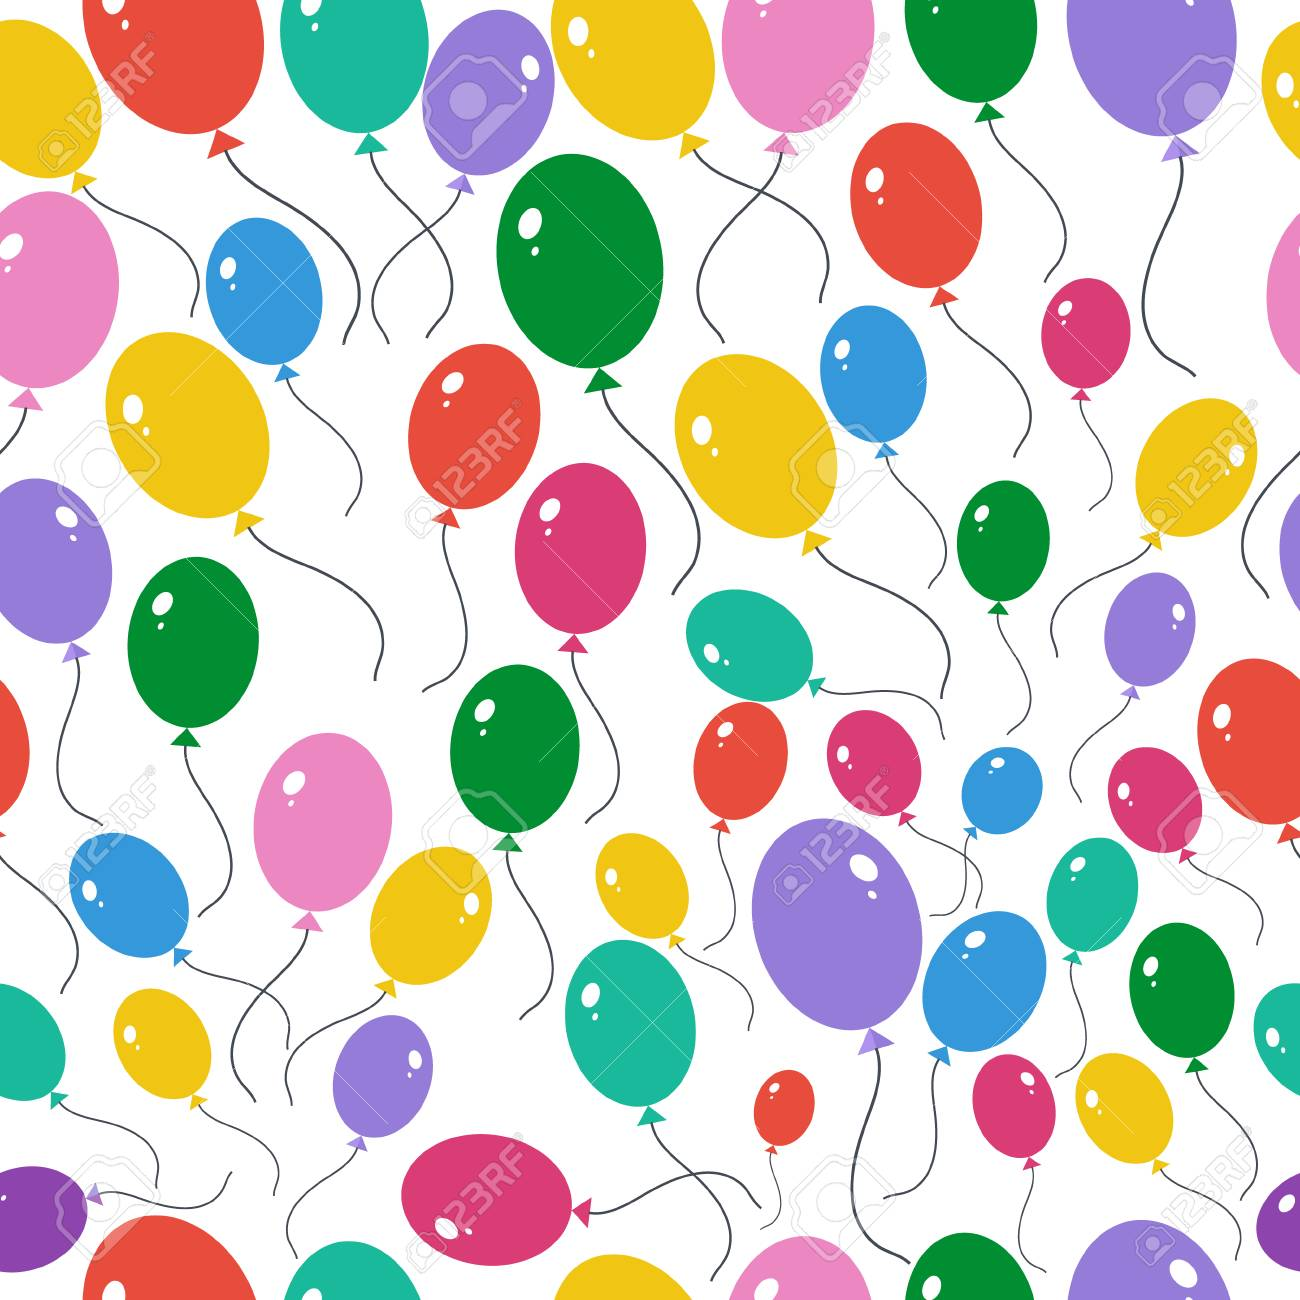 Seamless Fond Avec Dessin Anime Ballons Multicolores Clip Art